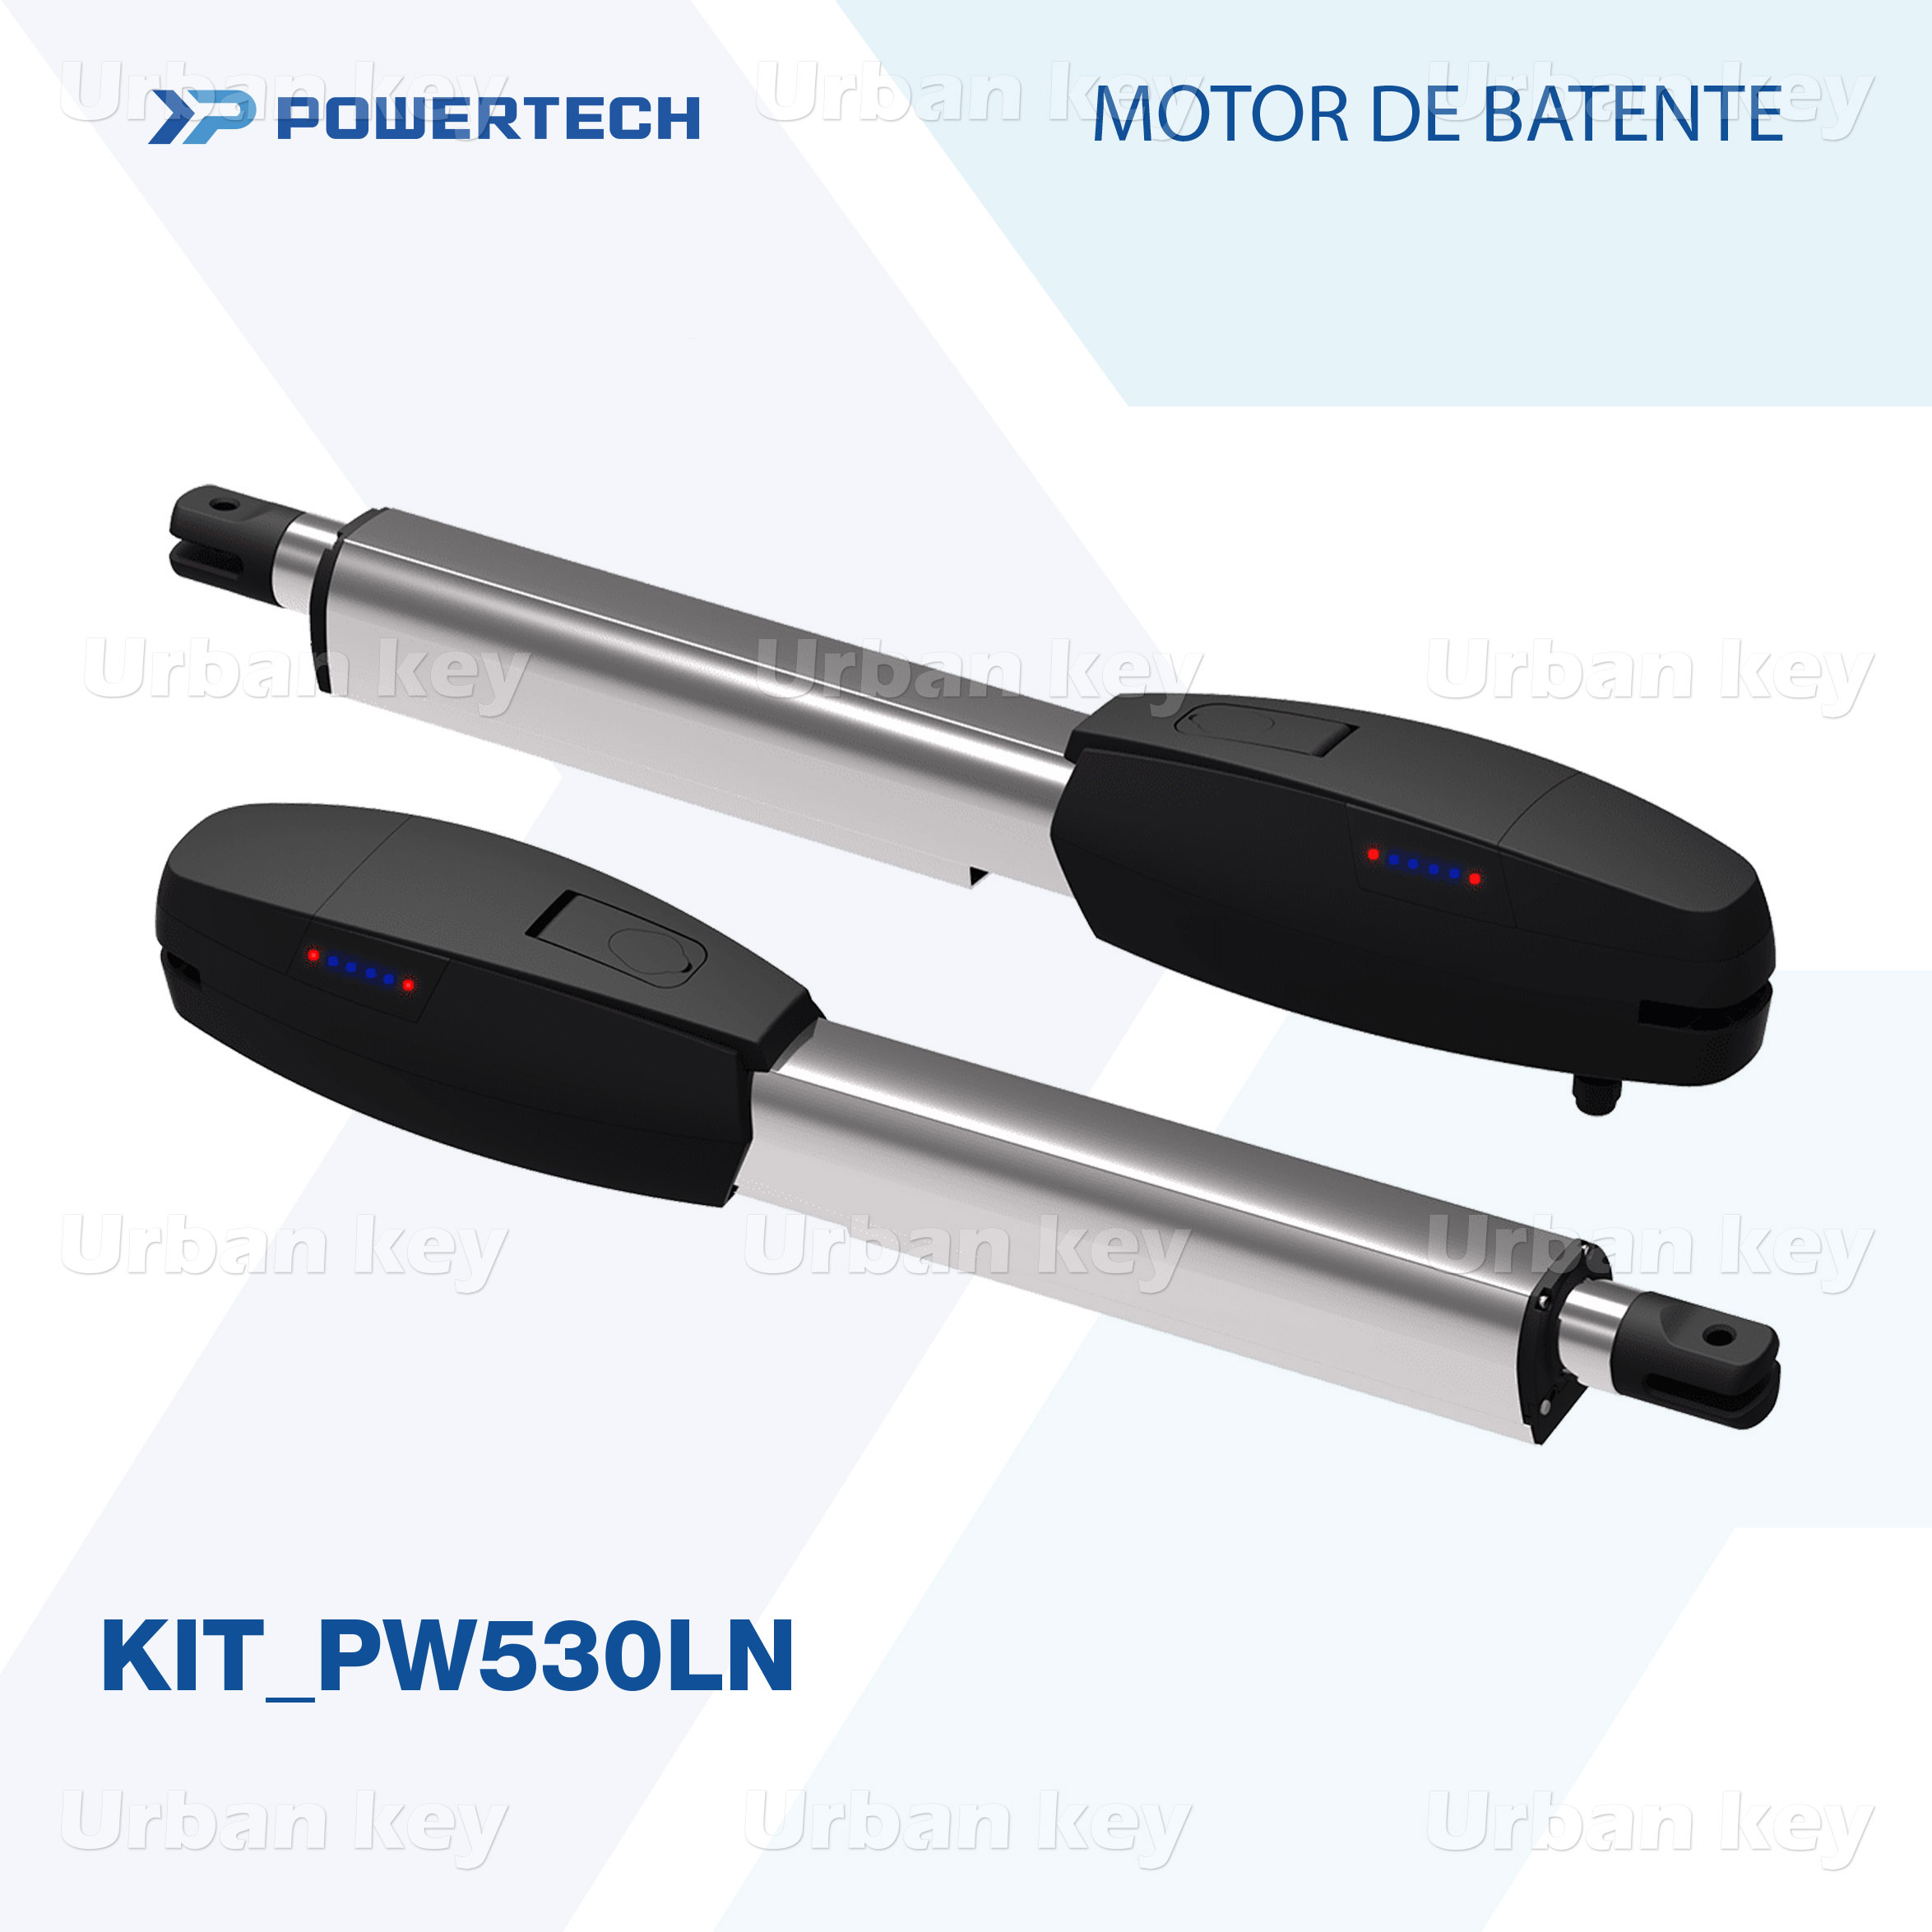 KIT BATENTE POWERTECH PW530LN 24V